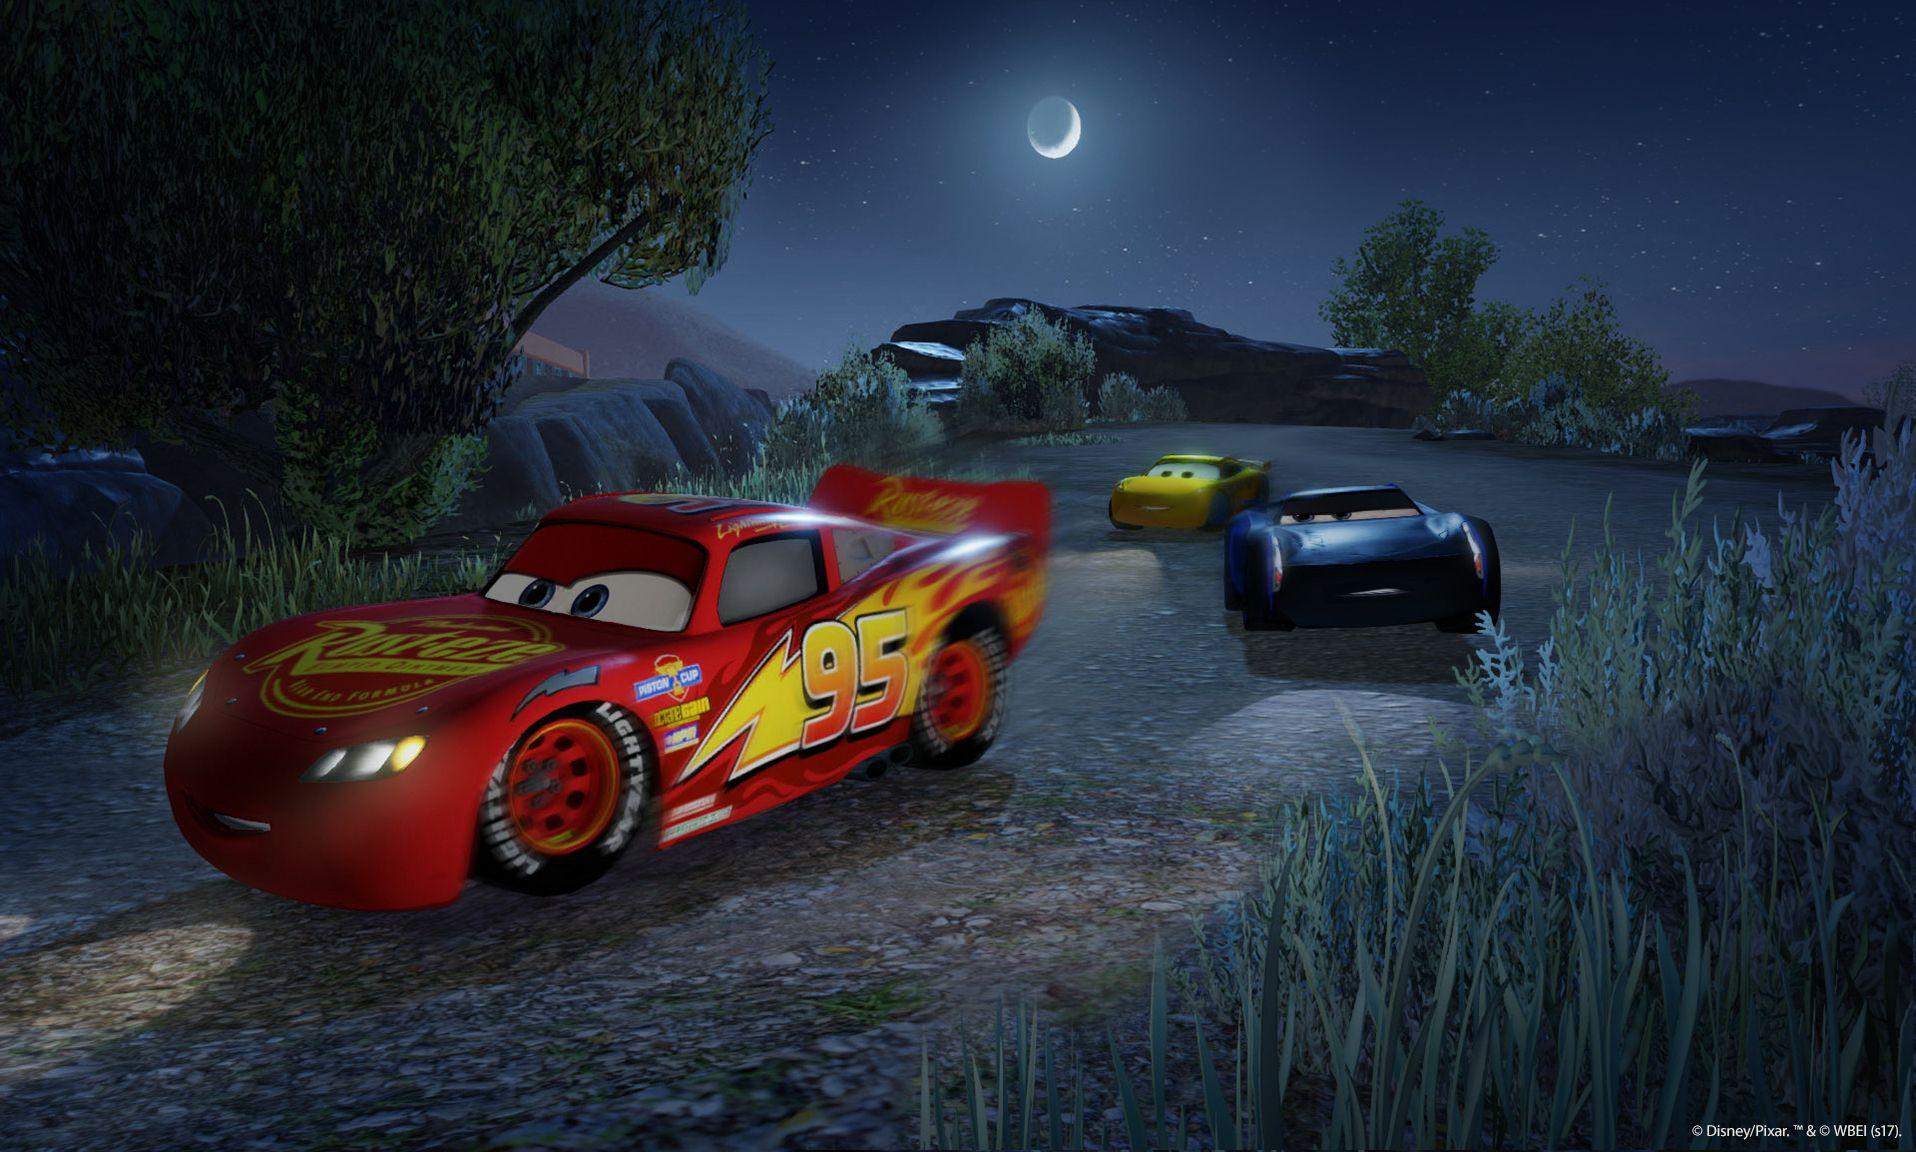 Závodní hra Auta 3 se koná po událostech z filmu 141541